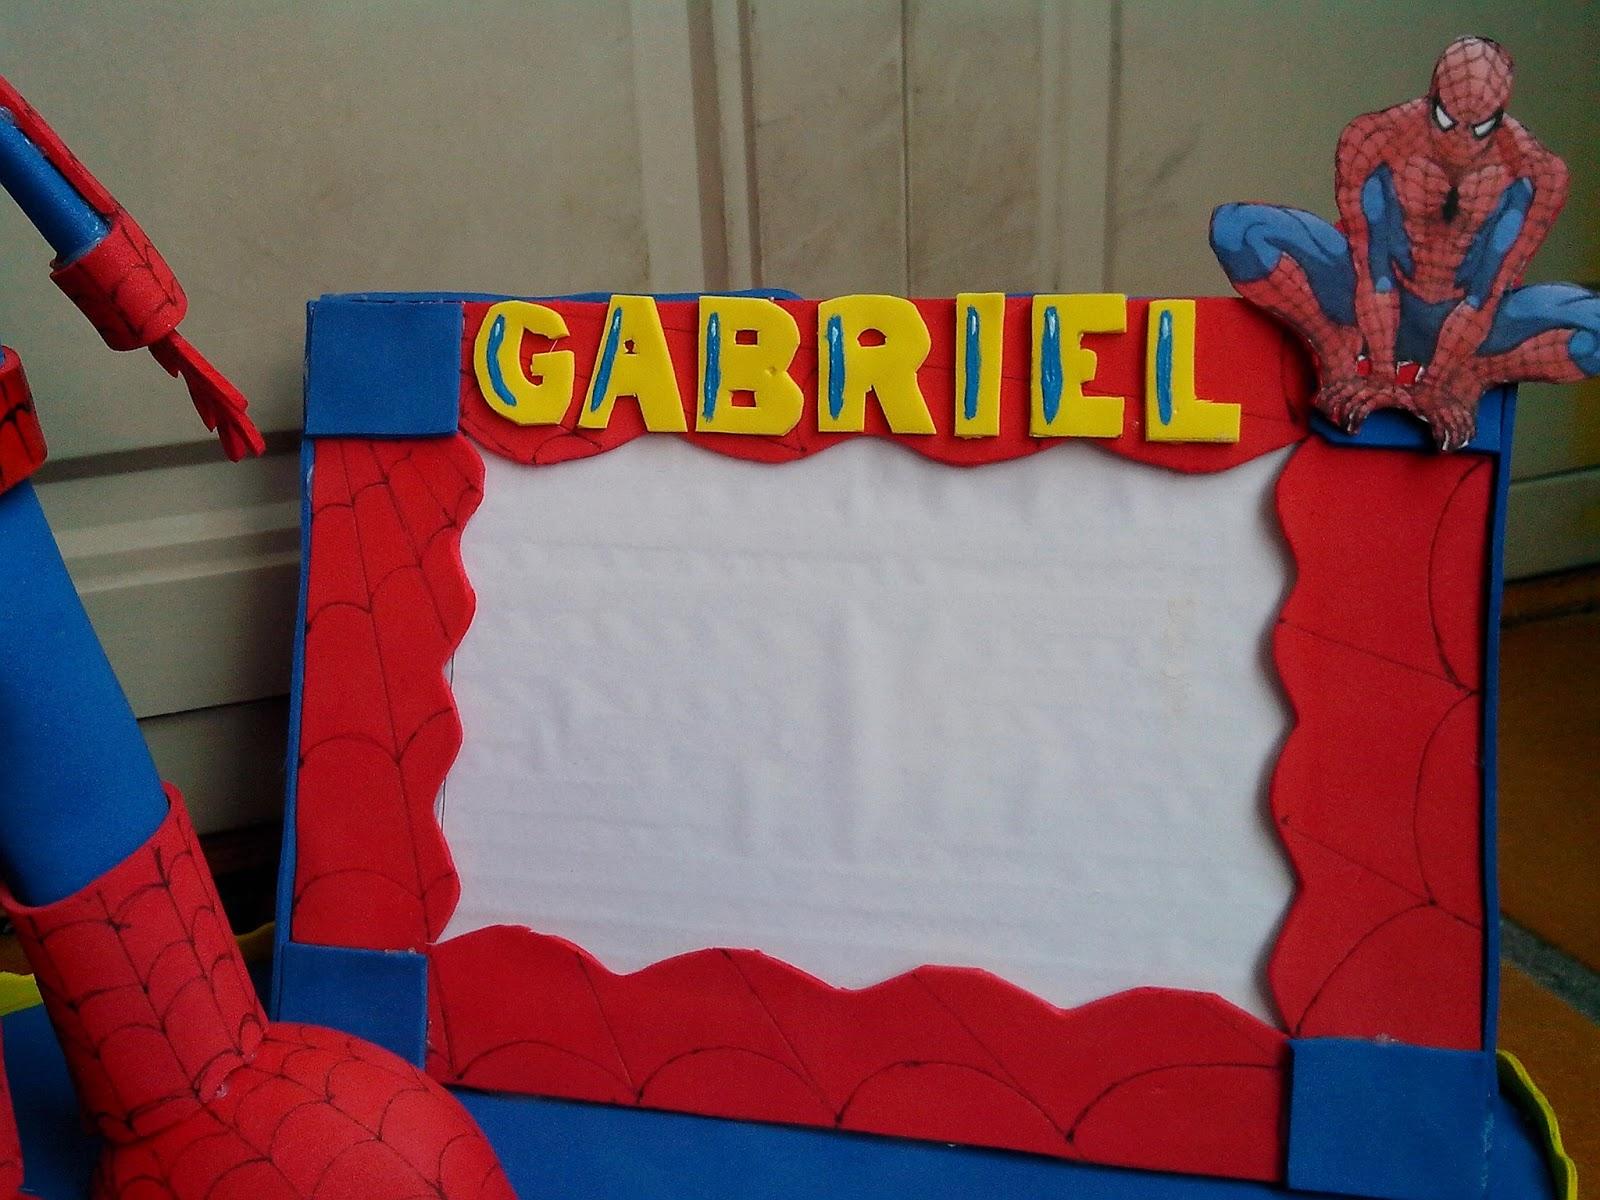 Excepcional Marcos De Cuadros De Spiderman Festooning - Ideas ...